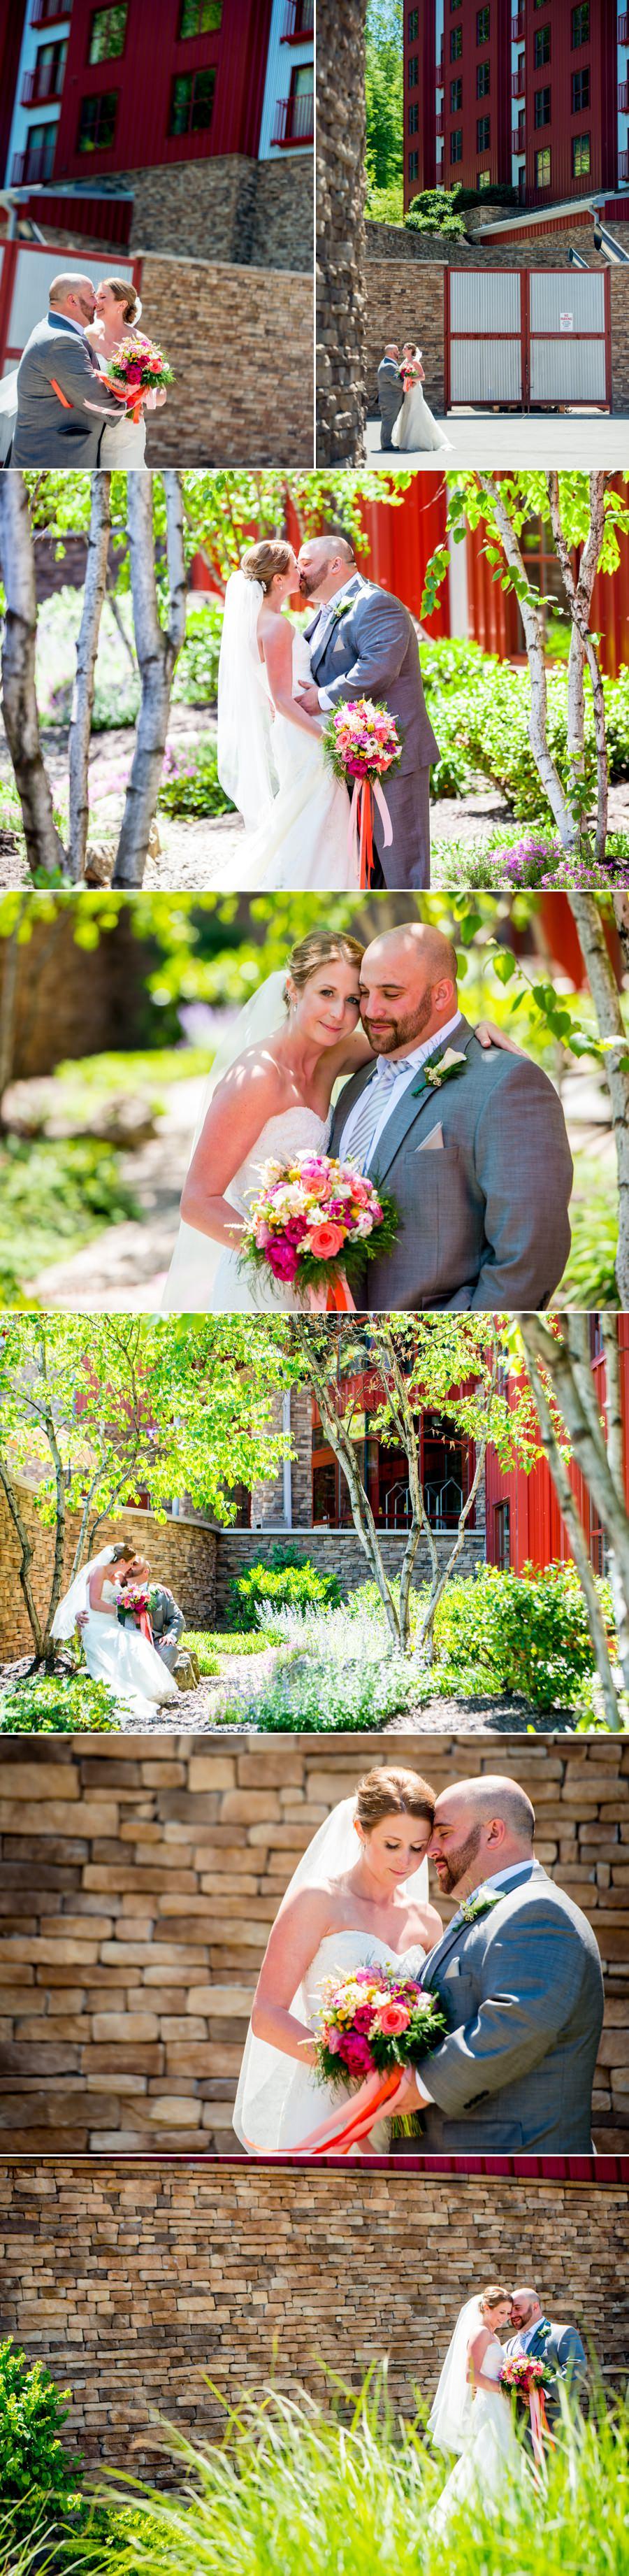 Stephanie and Eric Blog 2